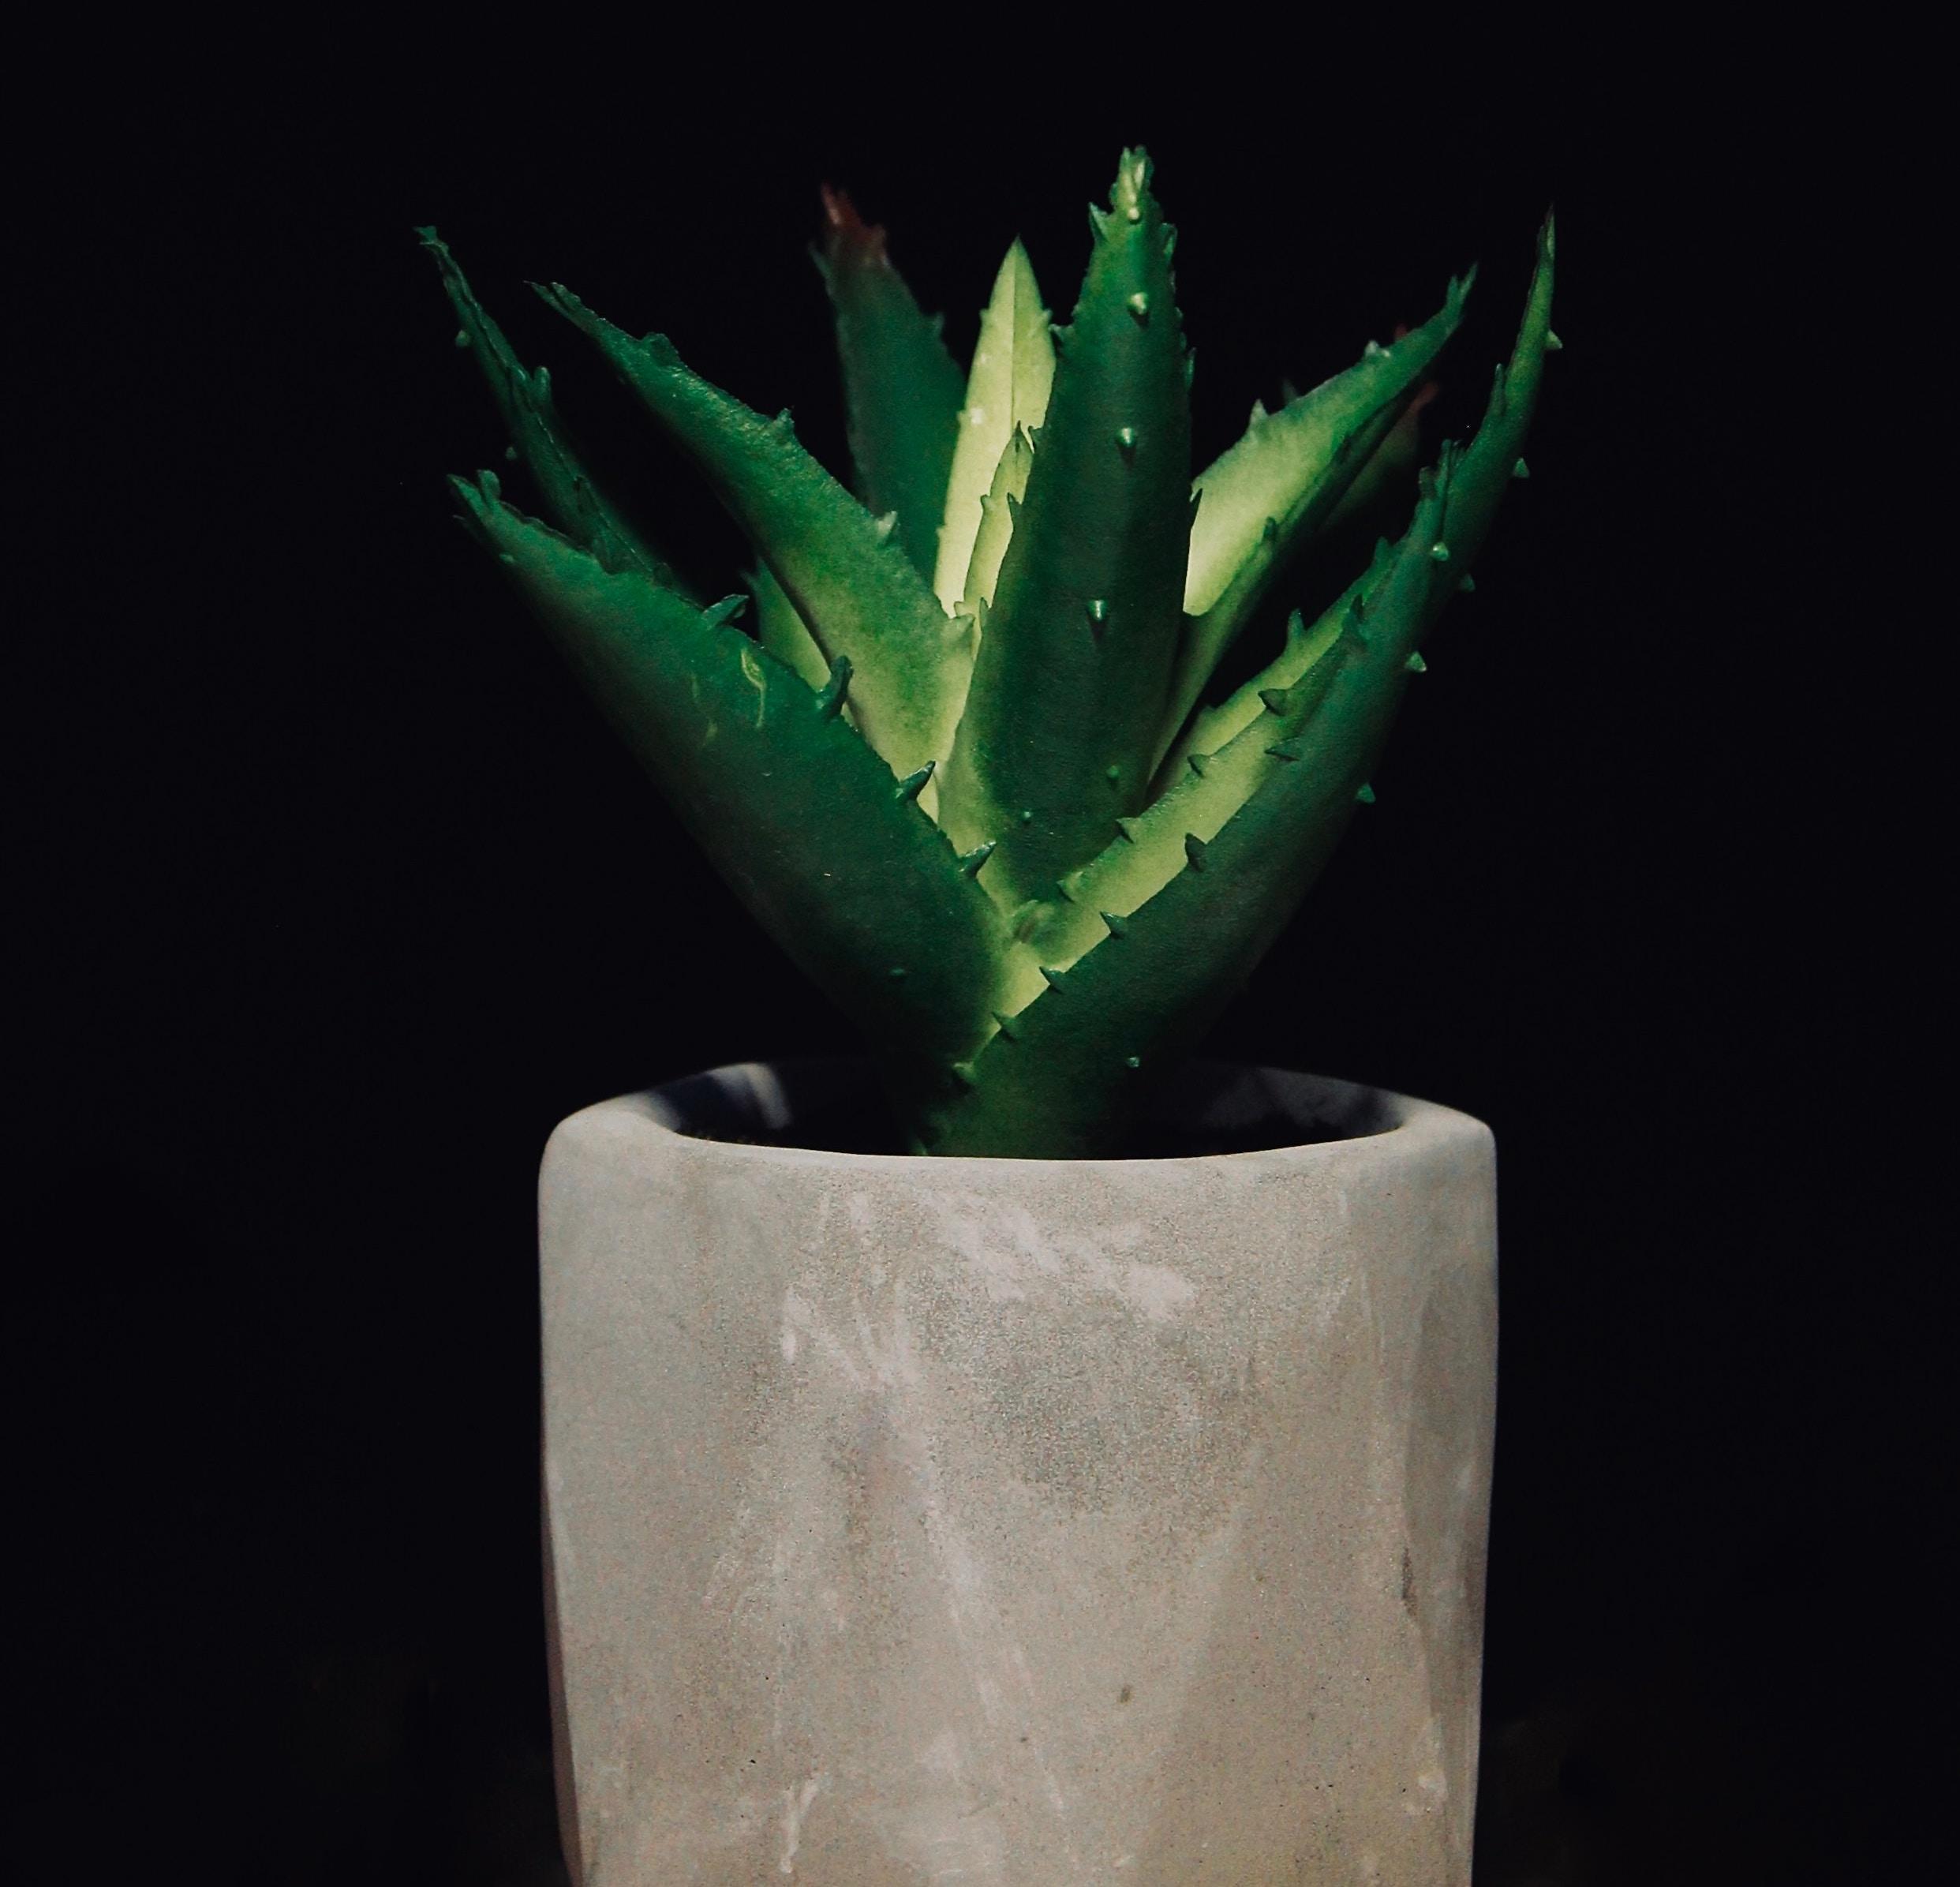 Cactus IMS